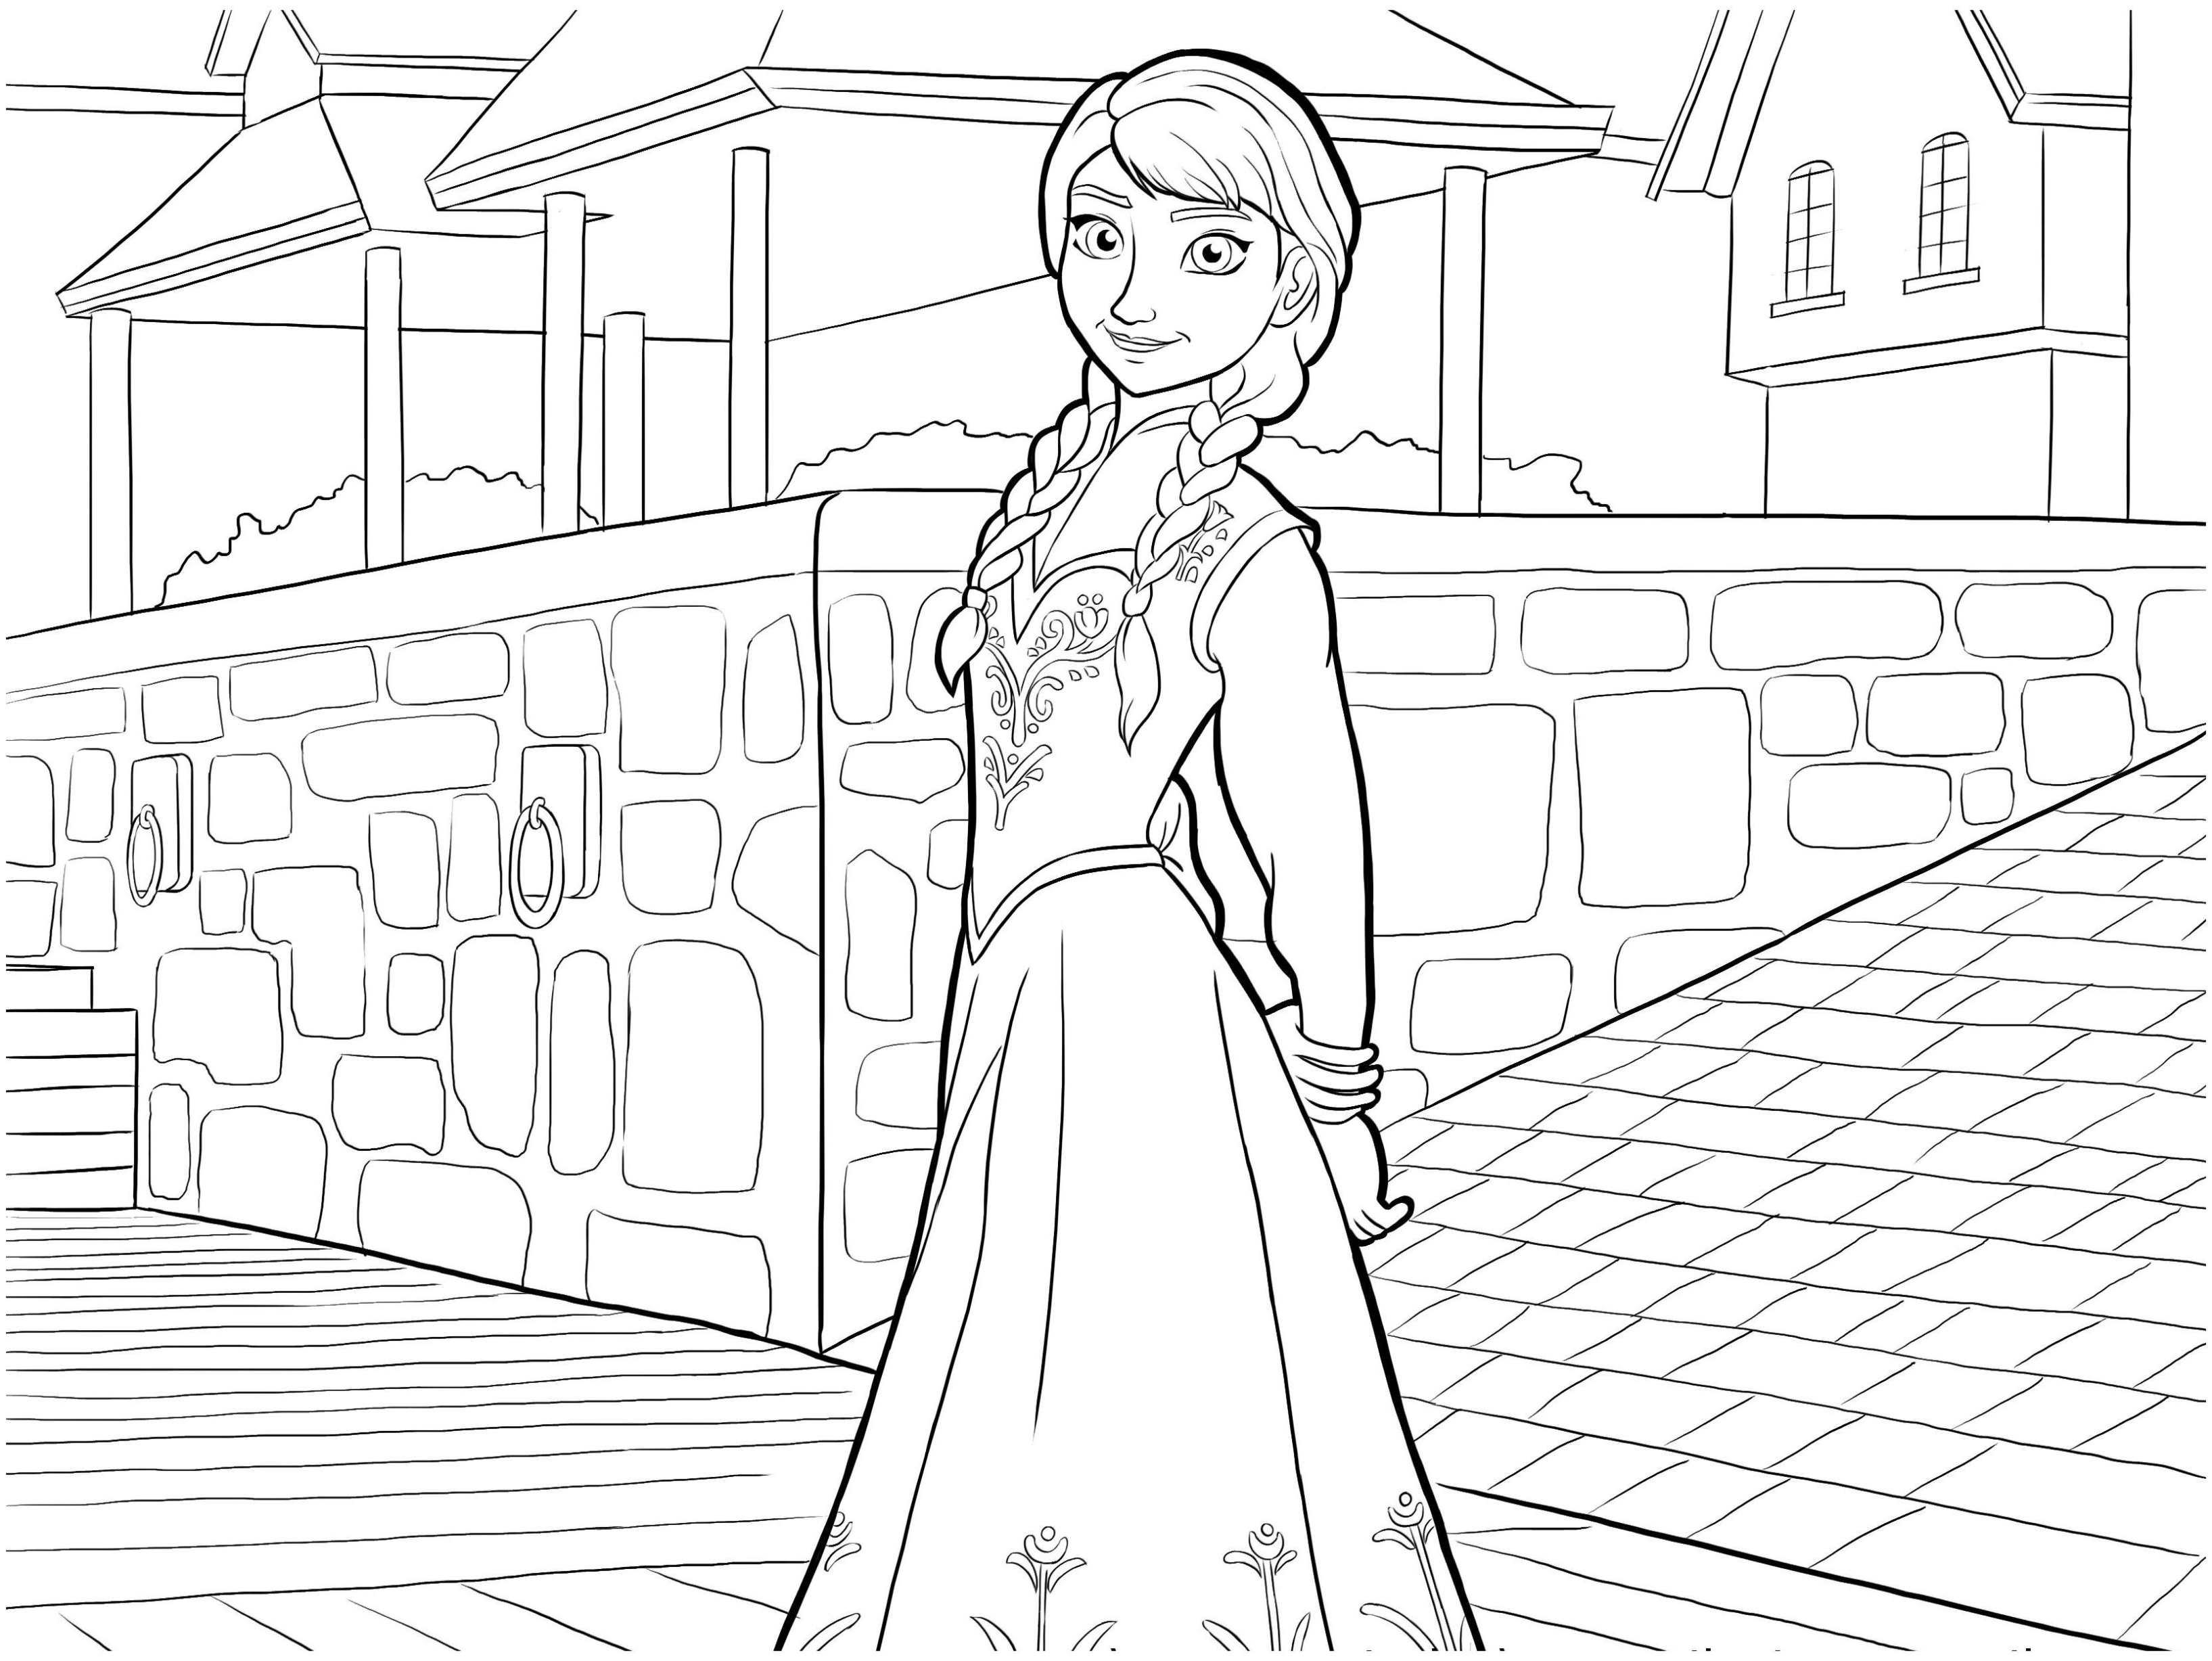 La reine des neiges anna coloriage la reine des neiges - Coloriage princesse des neiges ...